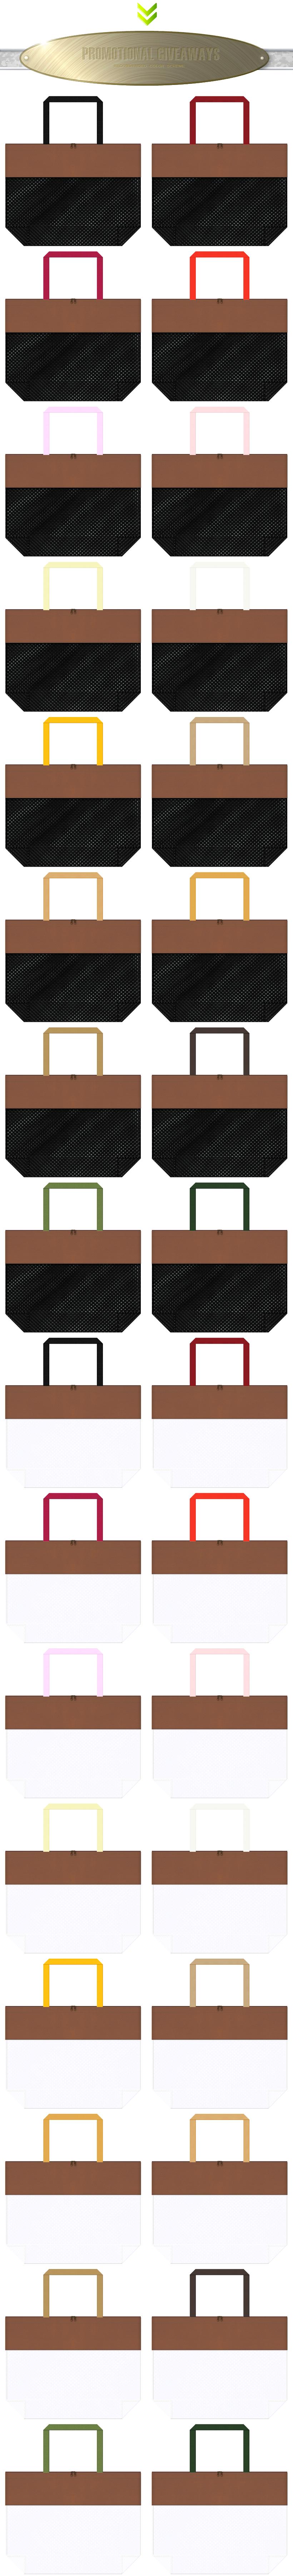 黒色メッシュ・白色メッシュと茶色の不織布をメインに使用した、台形型メッシュバッグのカラーシミュレーション